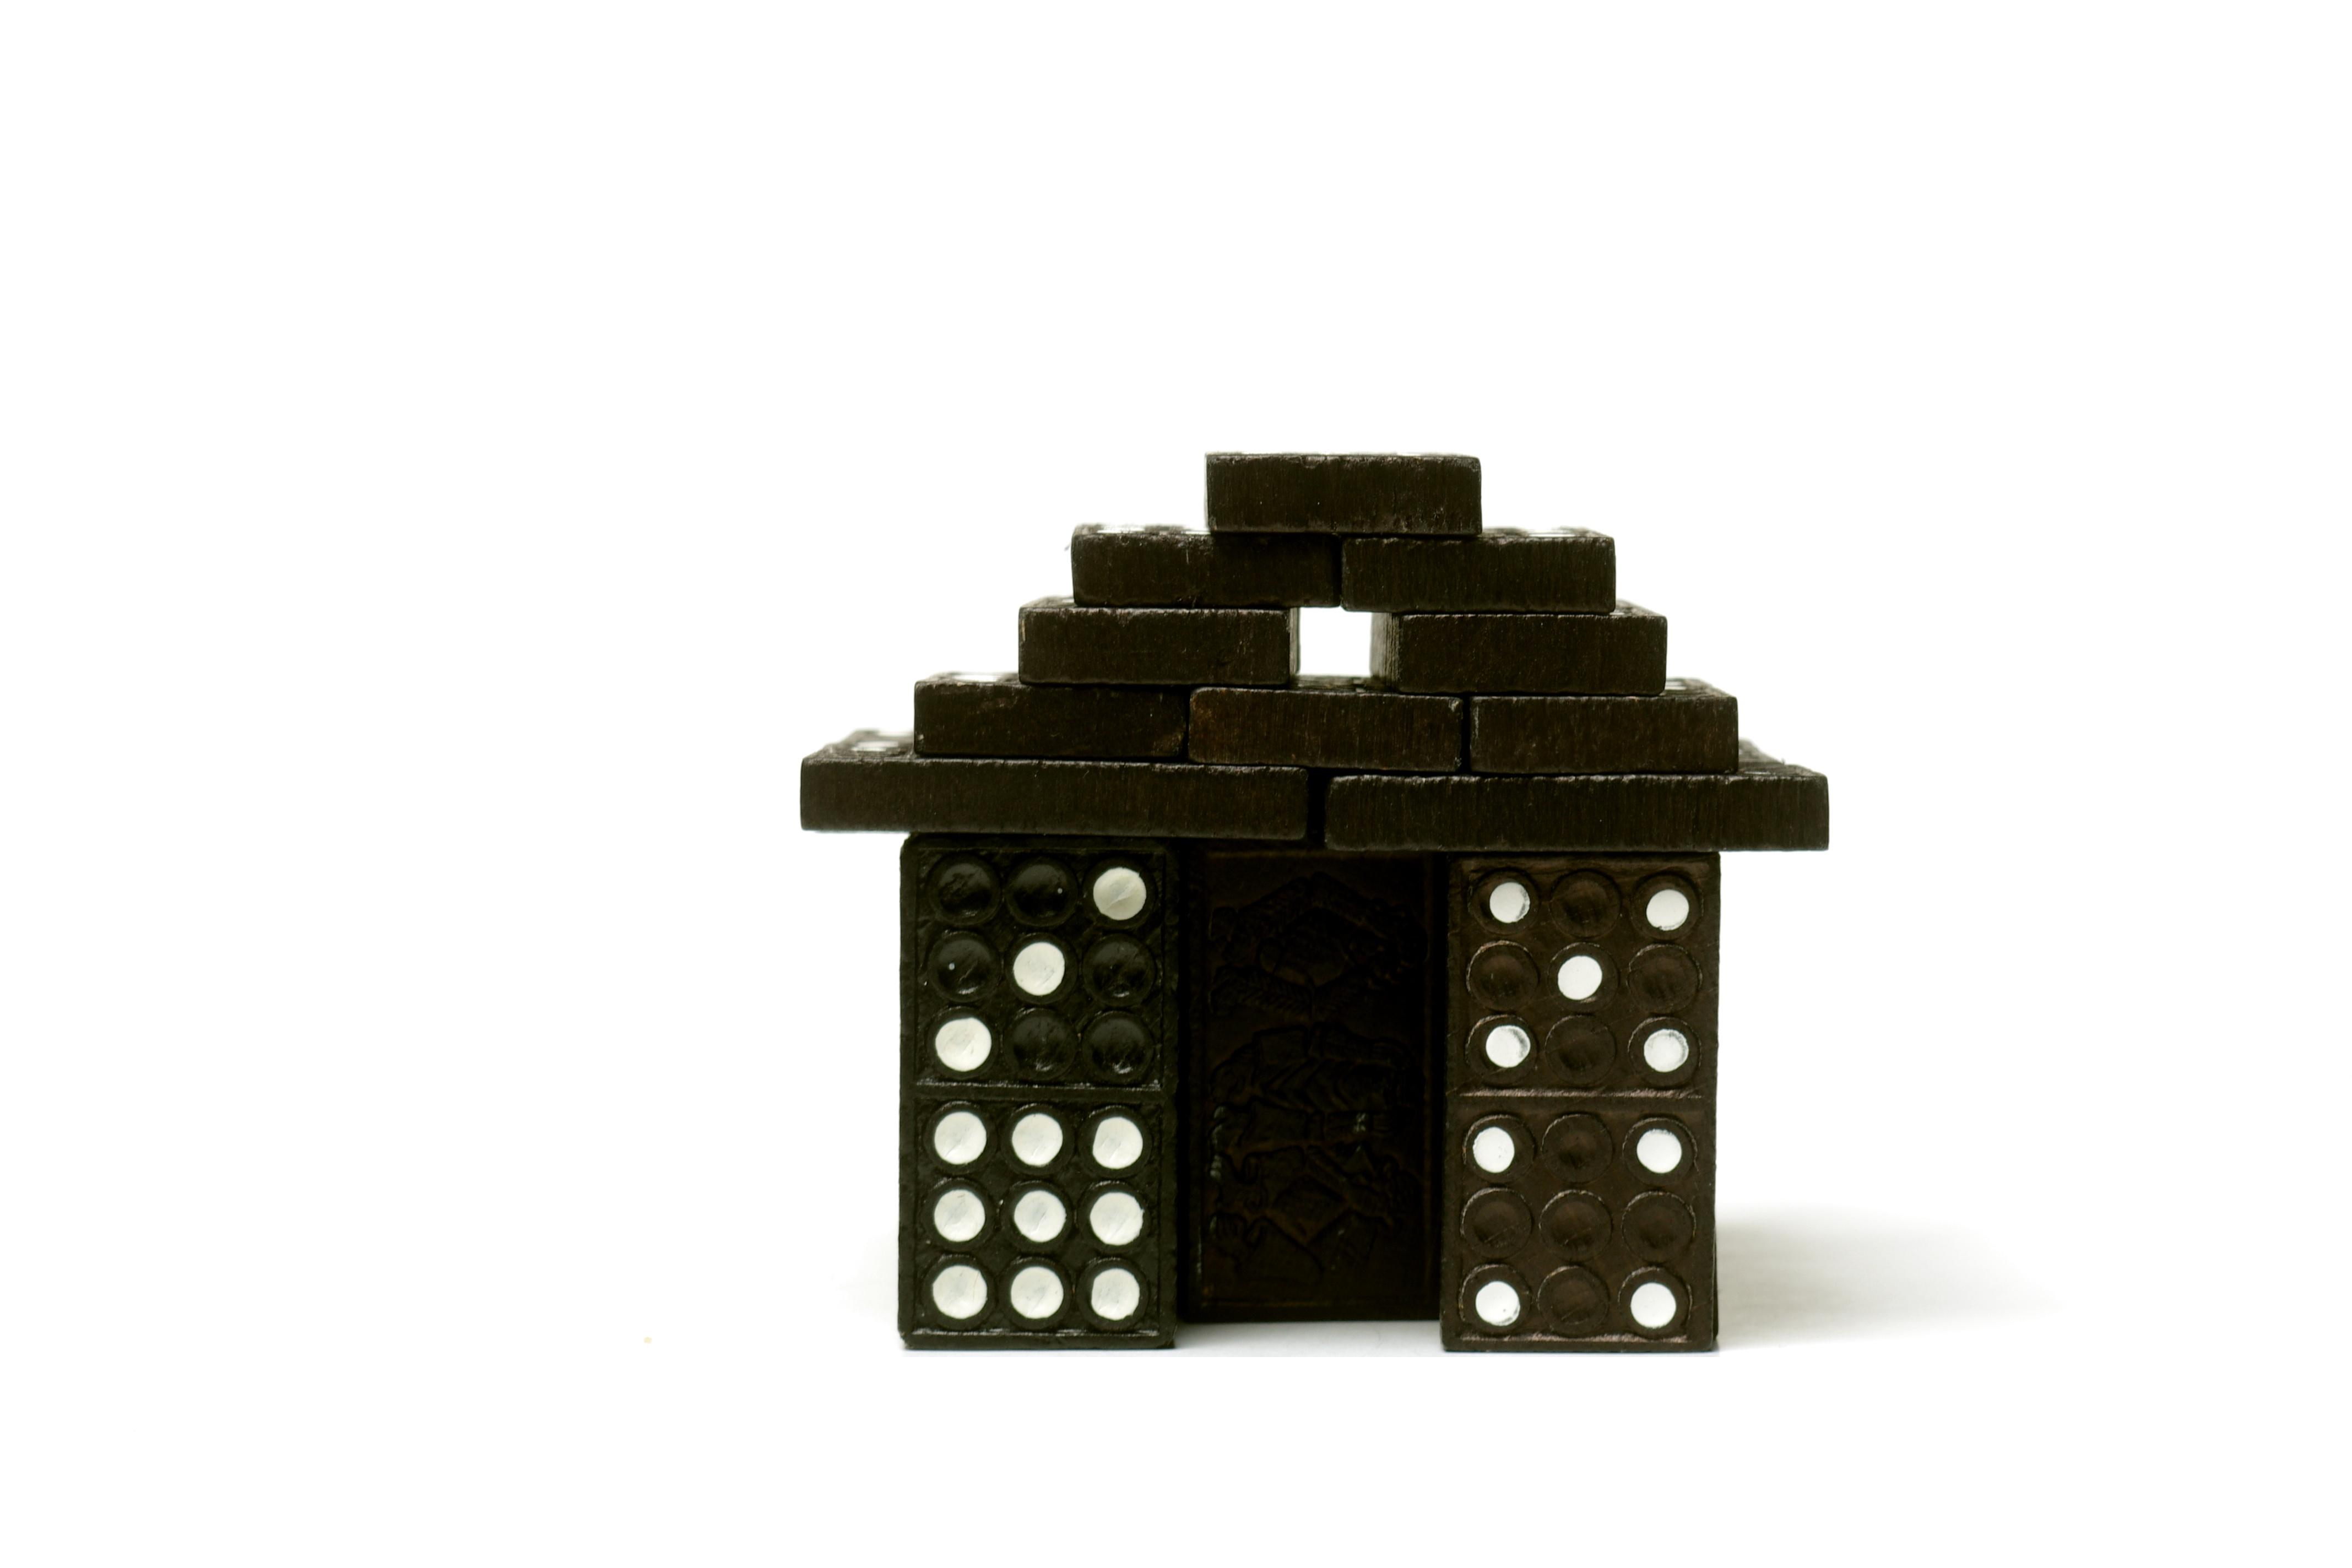 Comprar casas de hormig n archives comprar casas de madera - Tocar madera casas ...